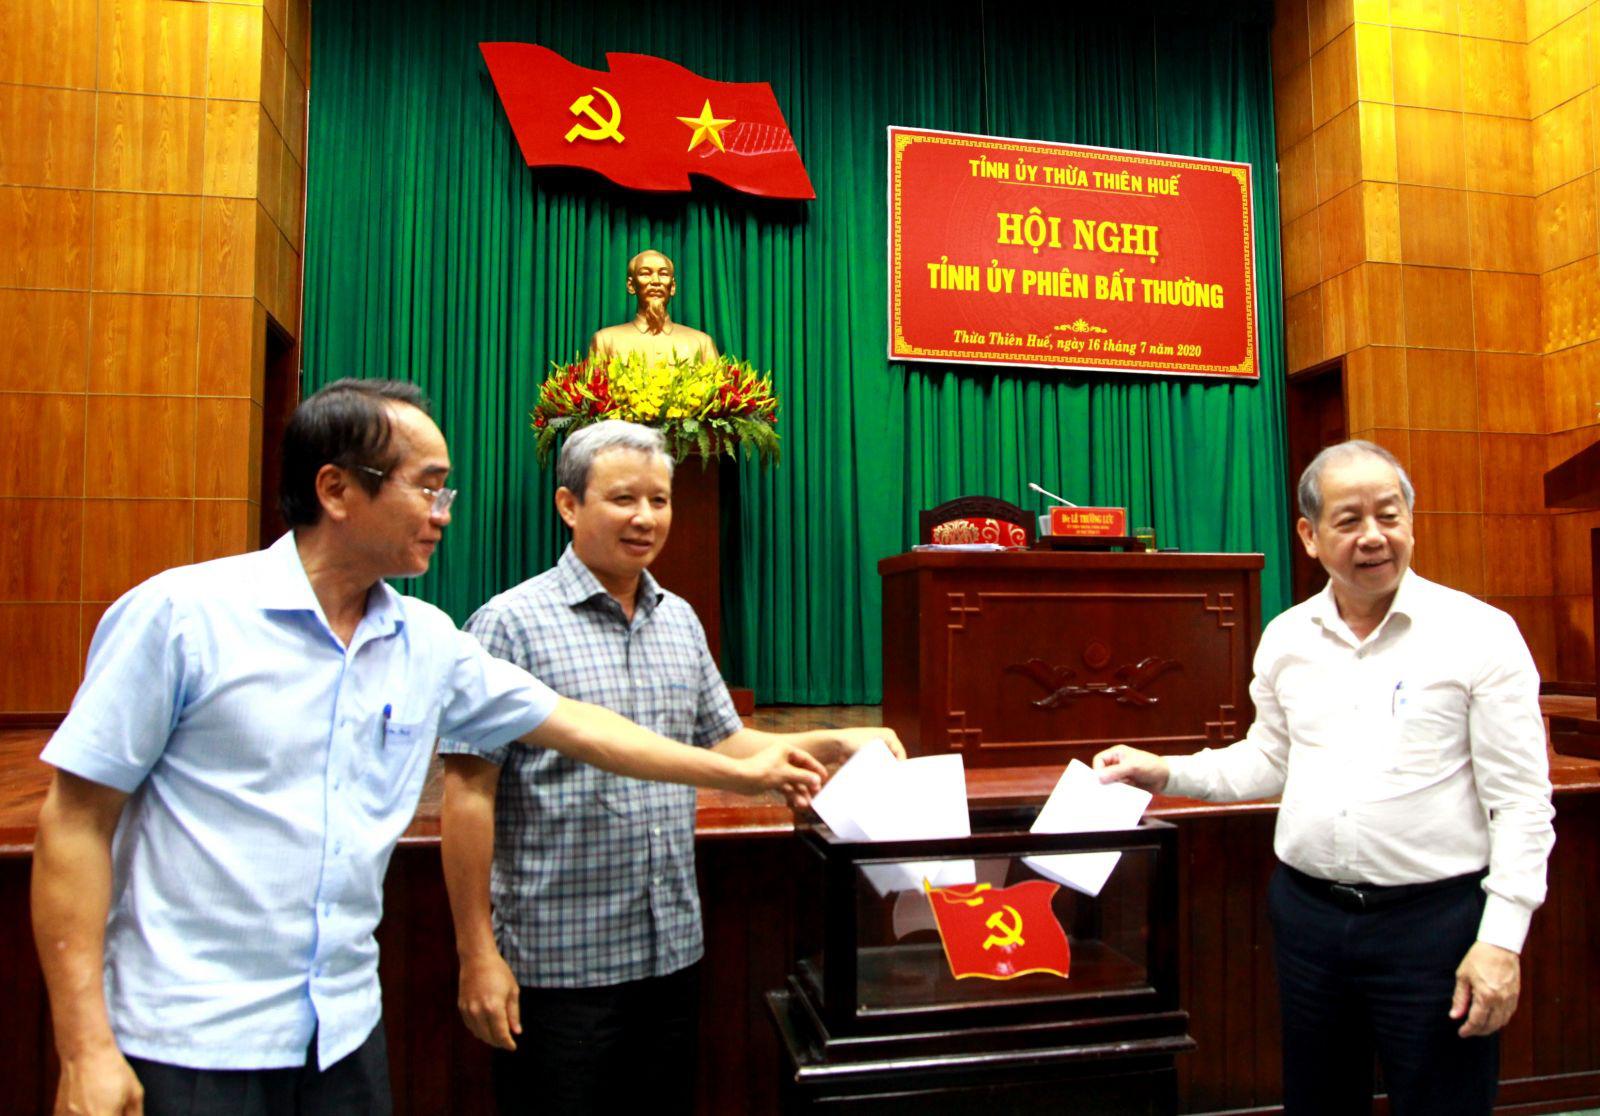 TT- Huế: Giám đốc Công an tỉnh được bầu giữ chức Phó Bí thư Tỉnh ủy - Ảnh 1.